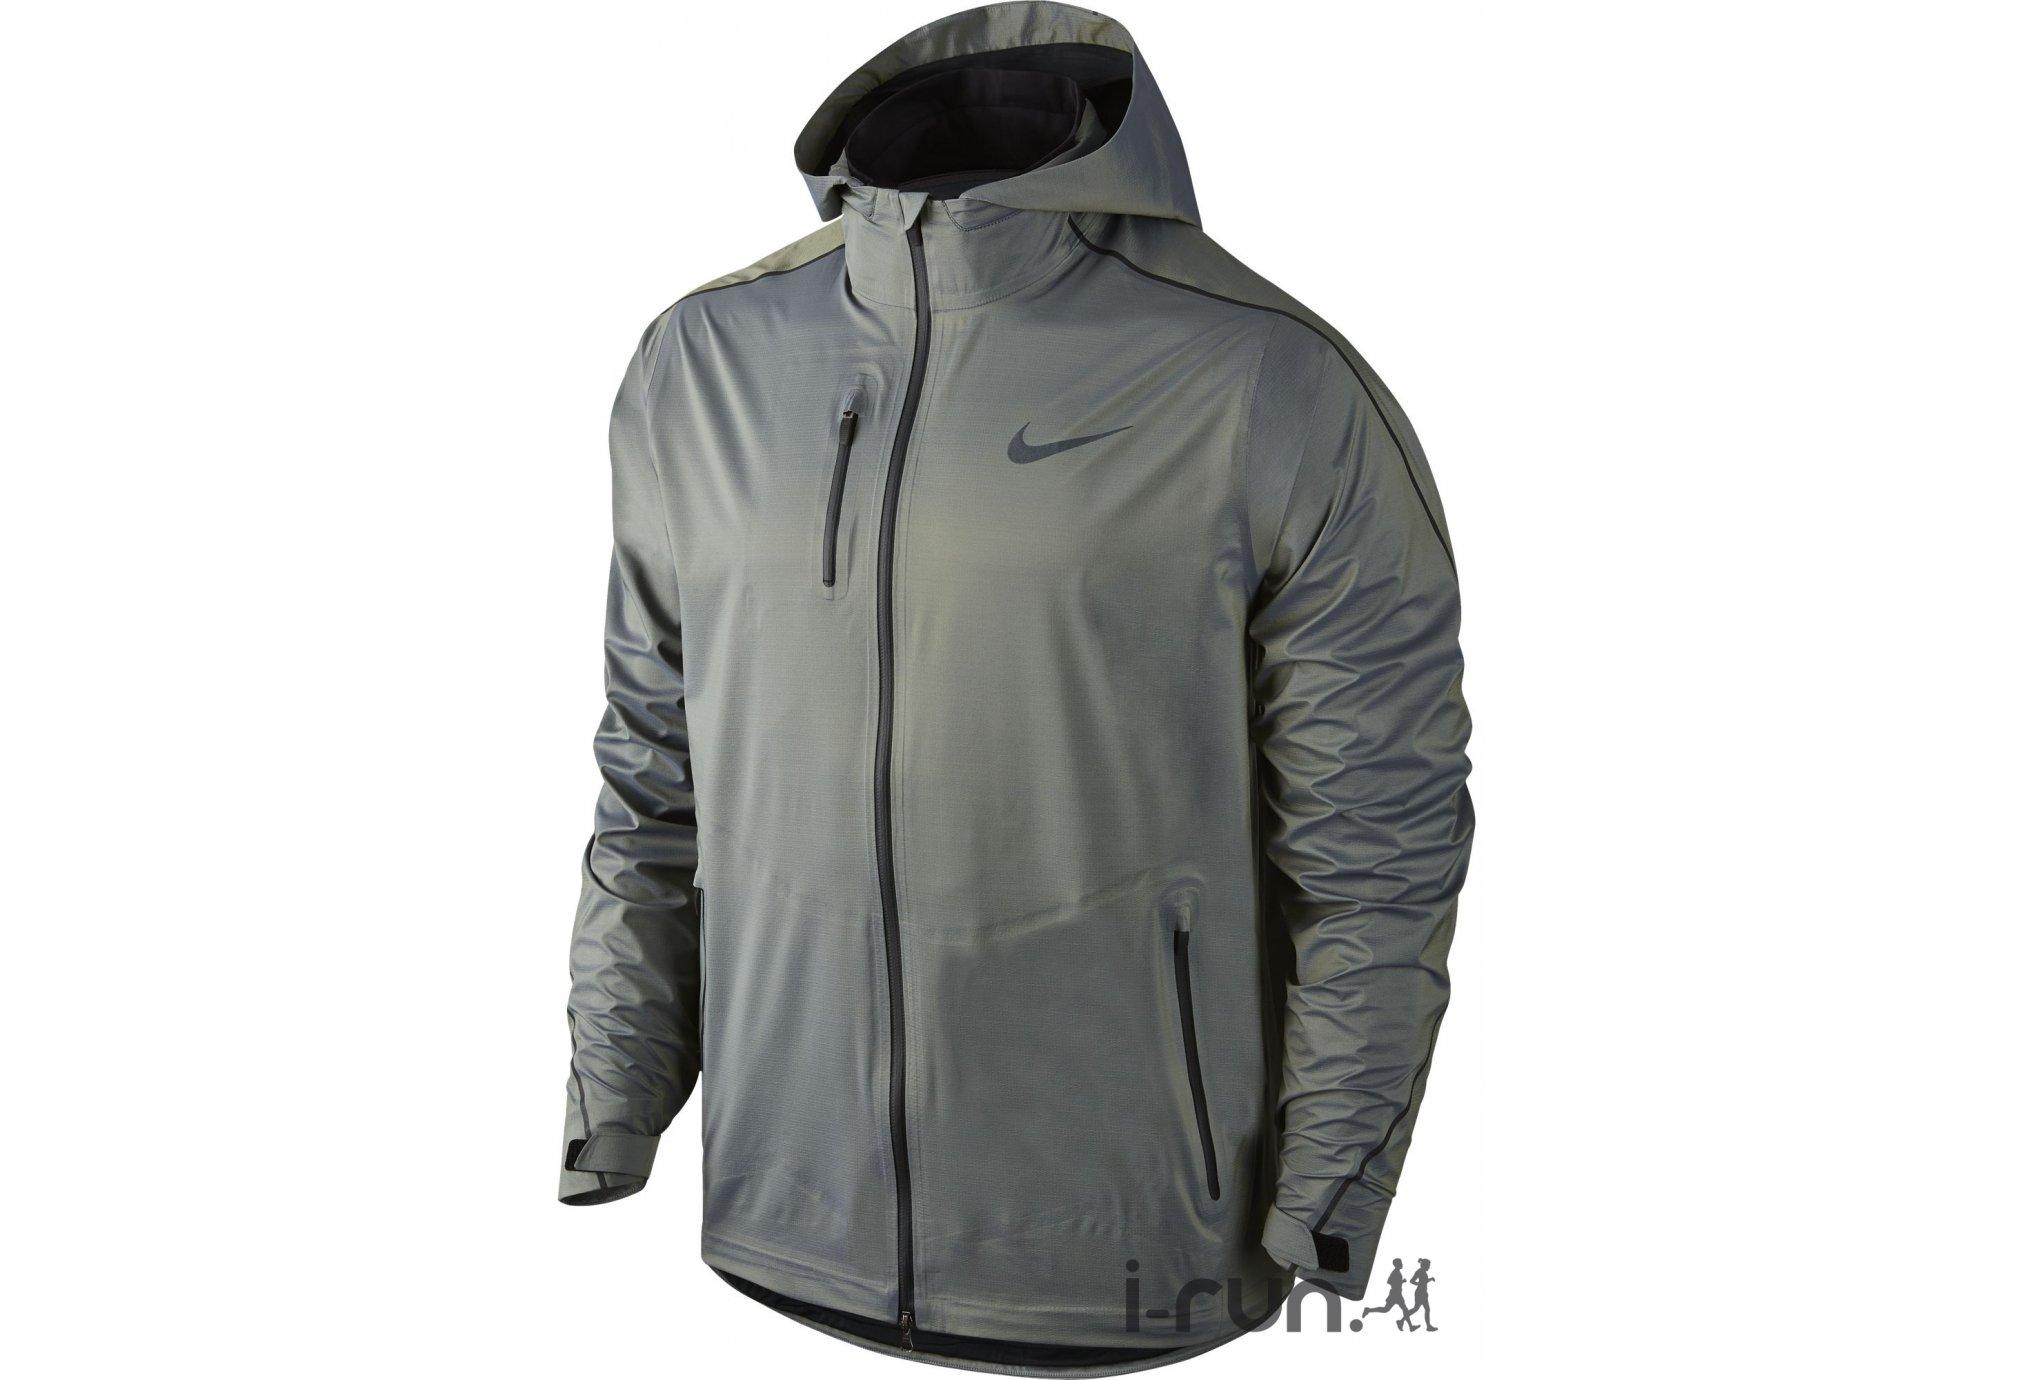 Nike vetement running homme